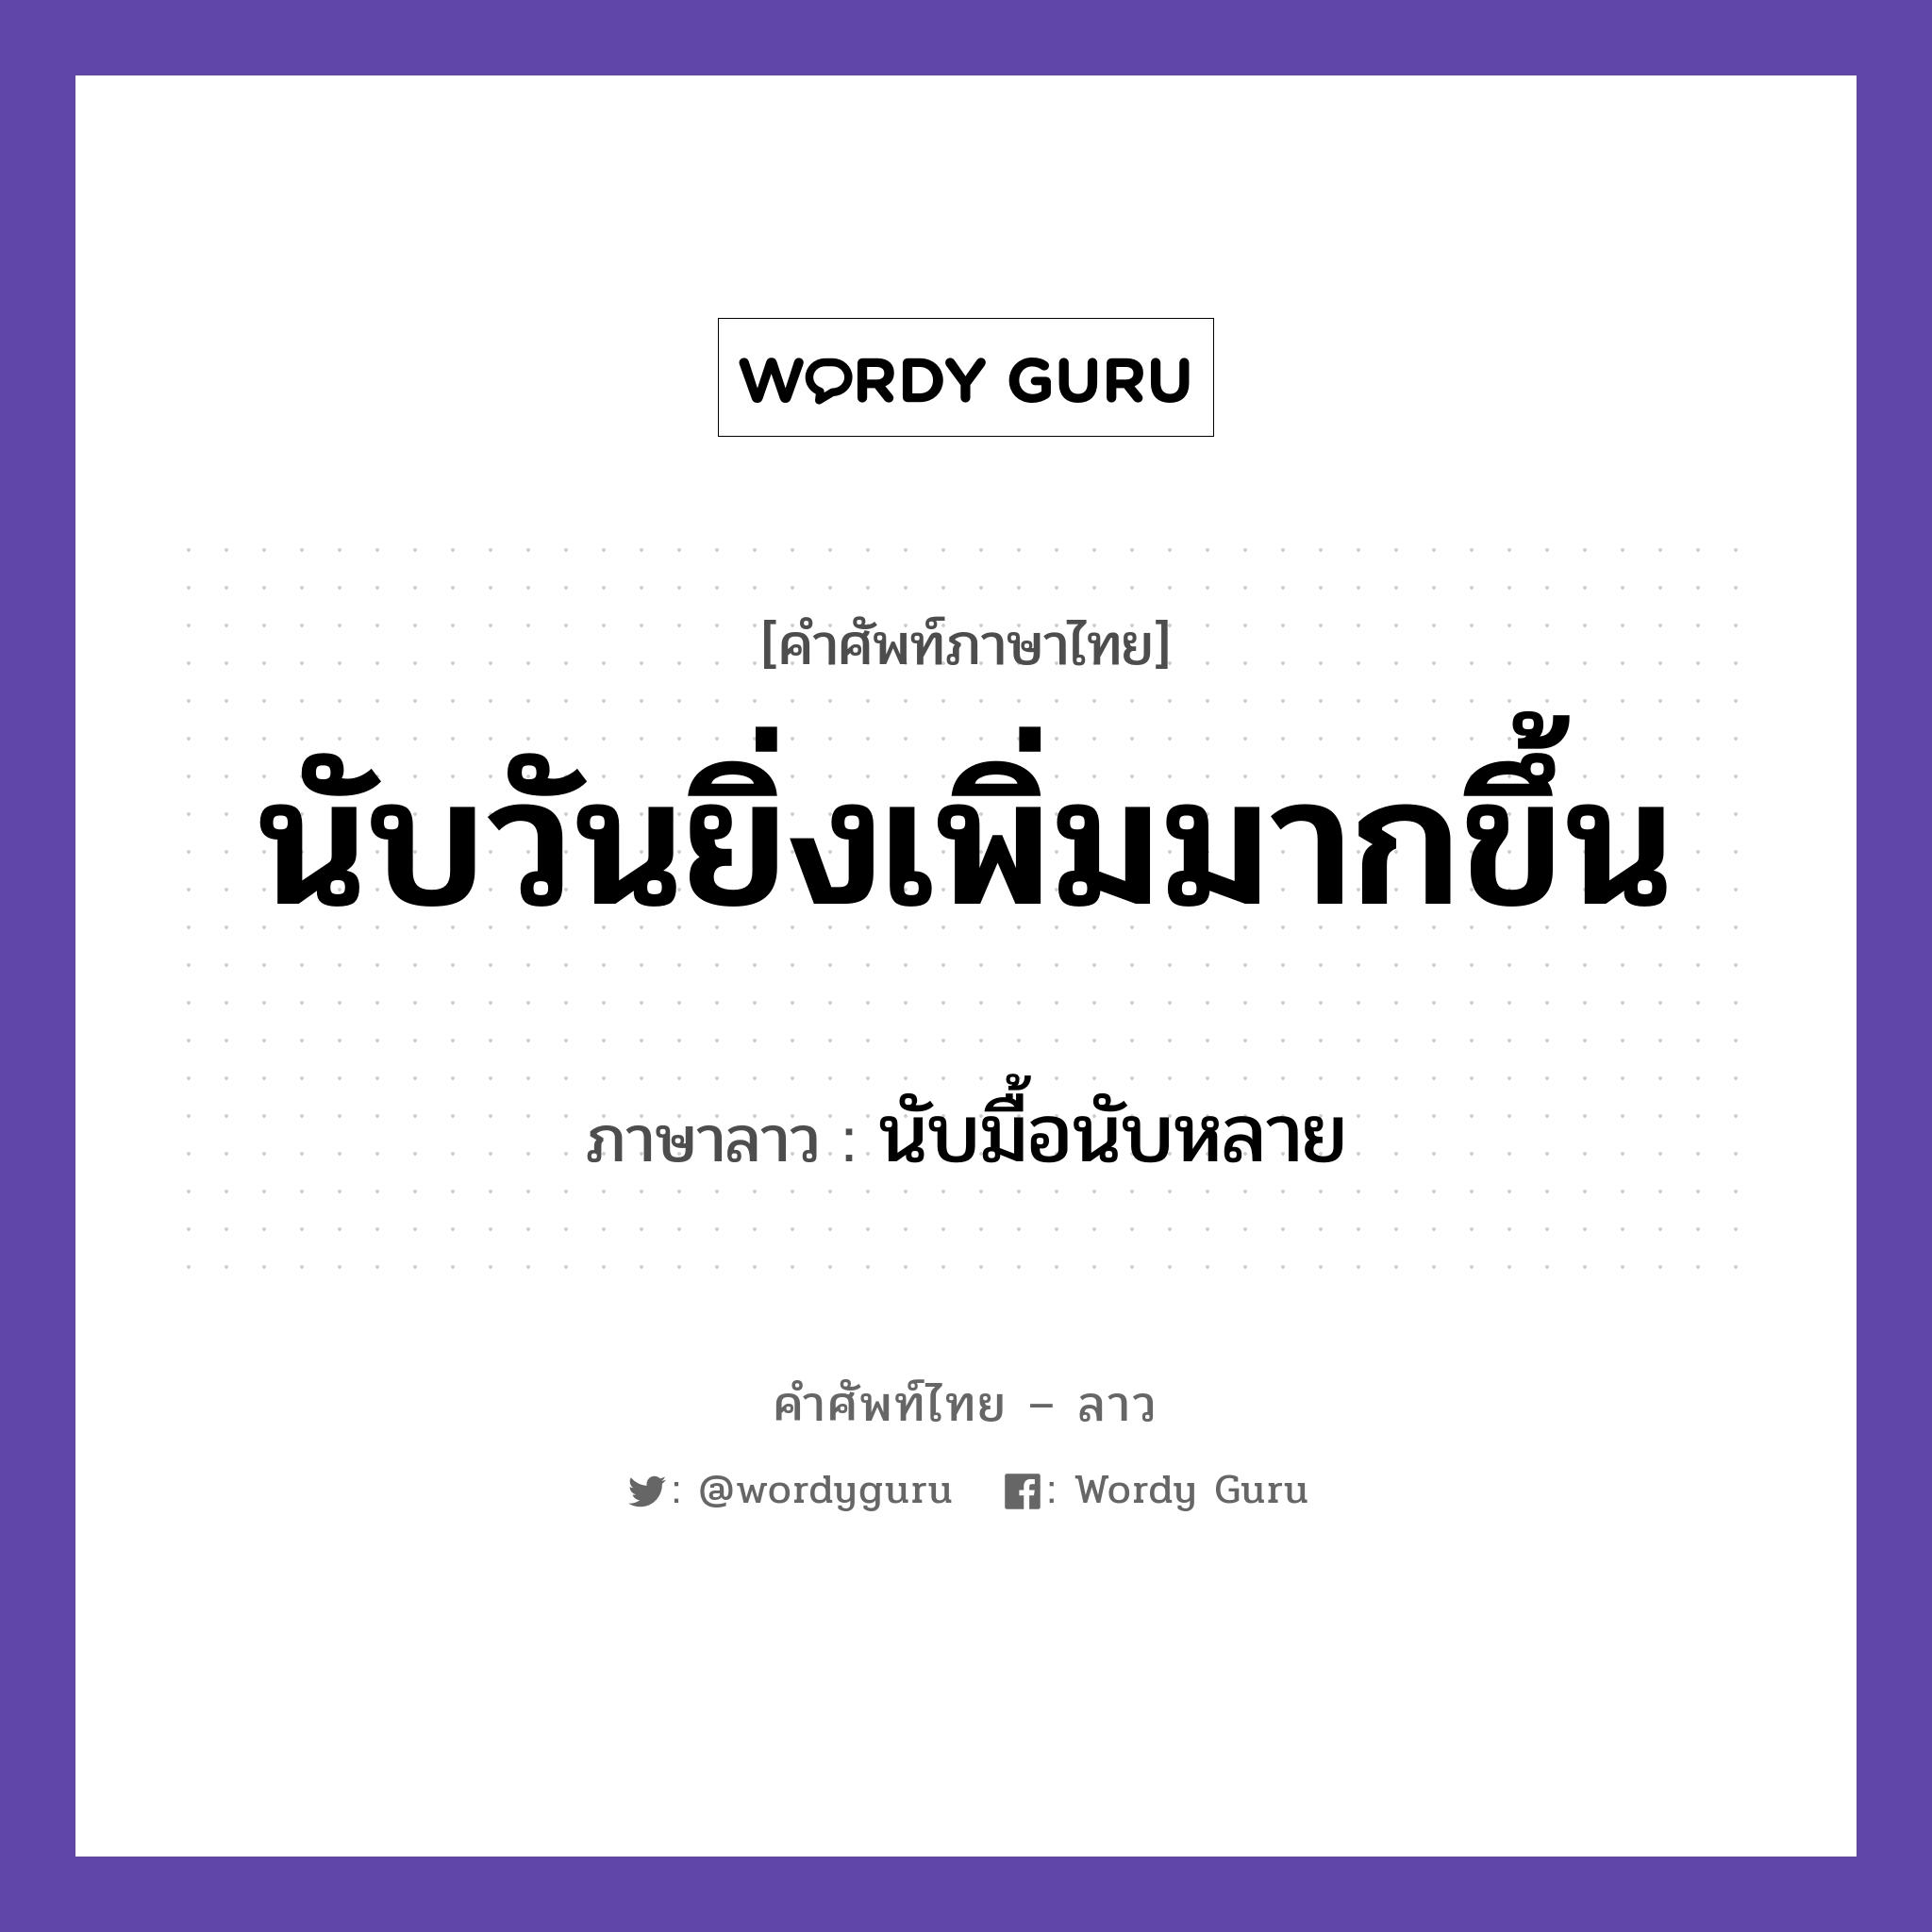 นับวันยิ่งเพิ่มมากขึ้น ภาษาลาว คืออะไร? - คำศัพท์ไทย – ลาว